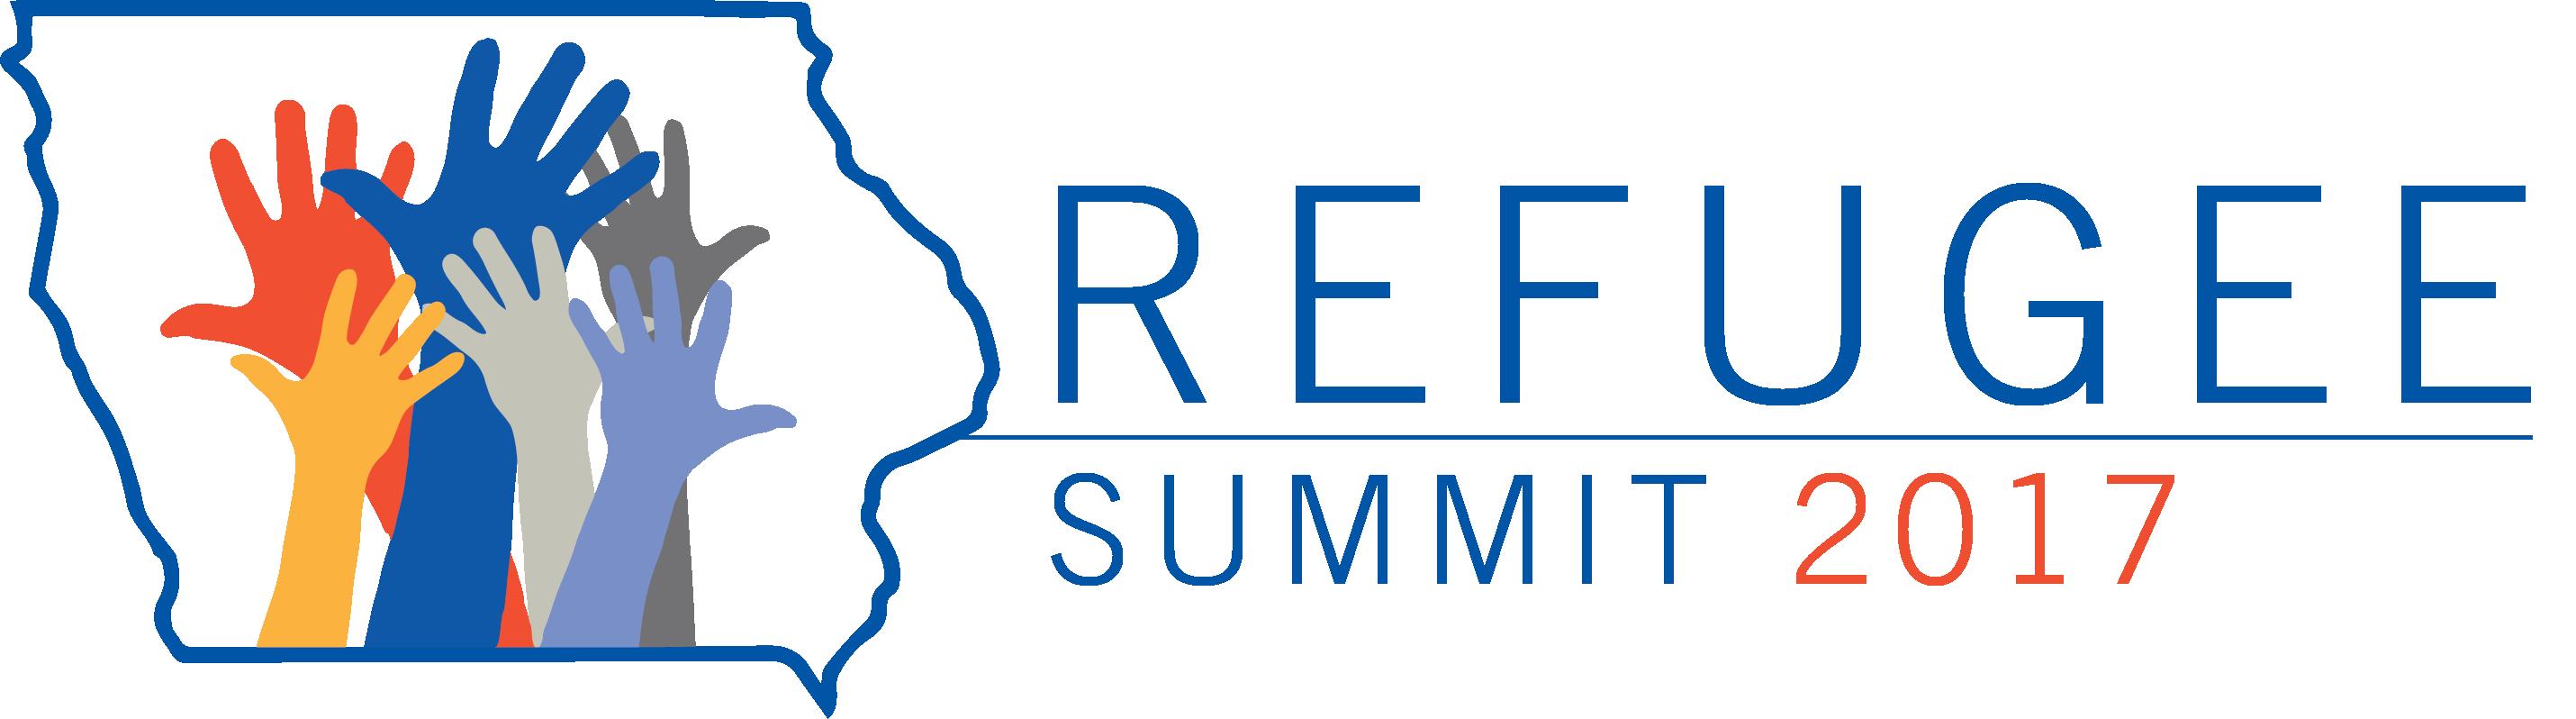 Refugee summit 2017 - horizontal.png